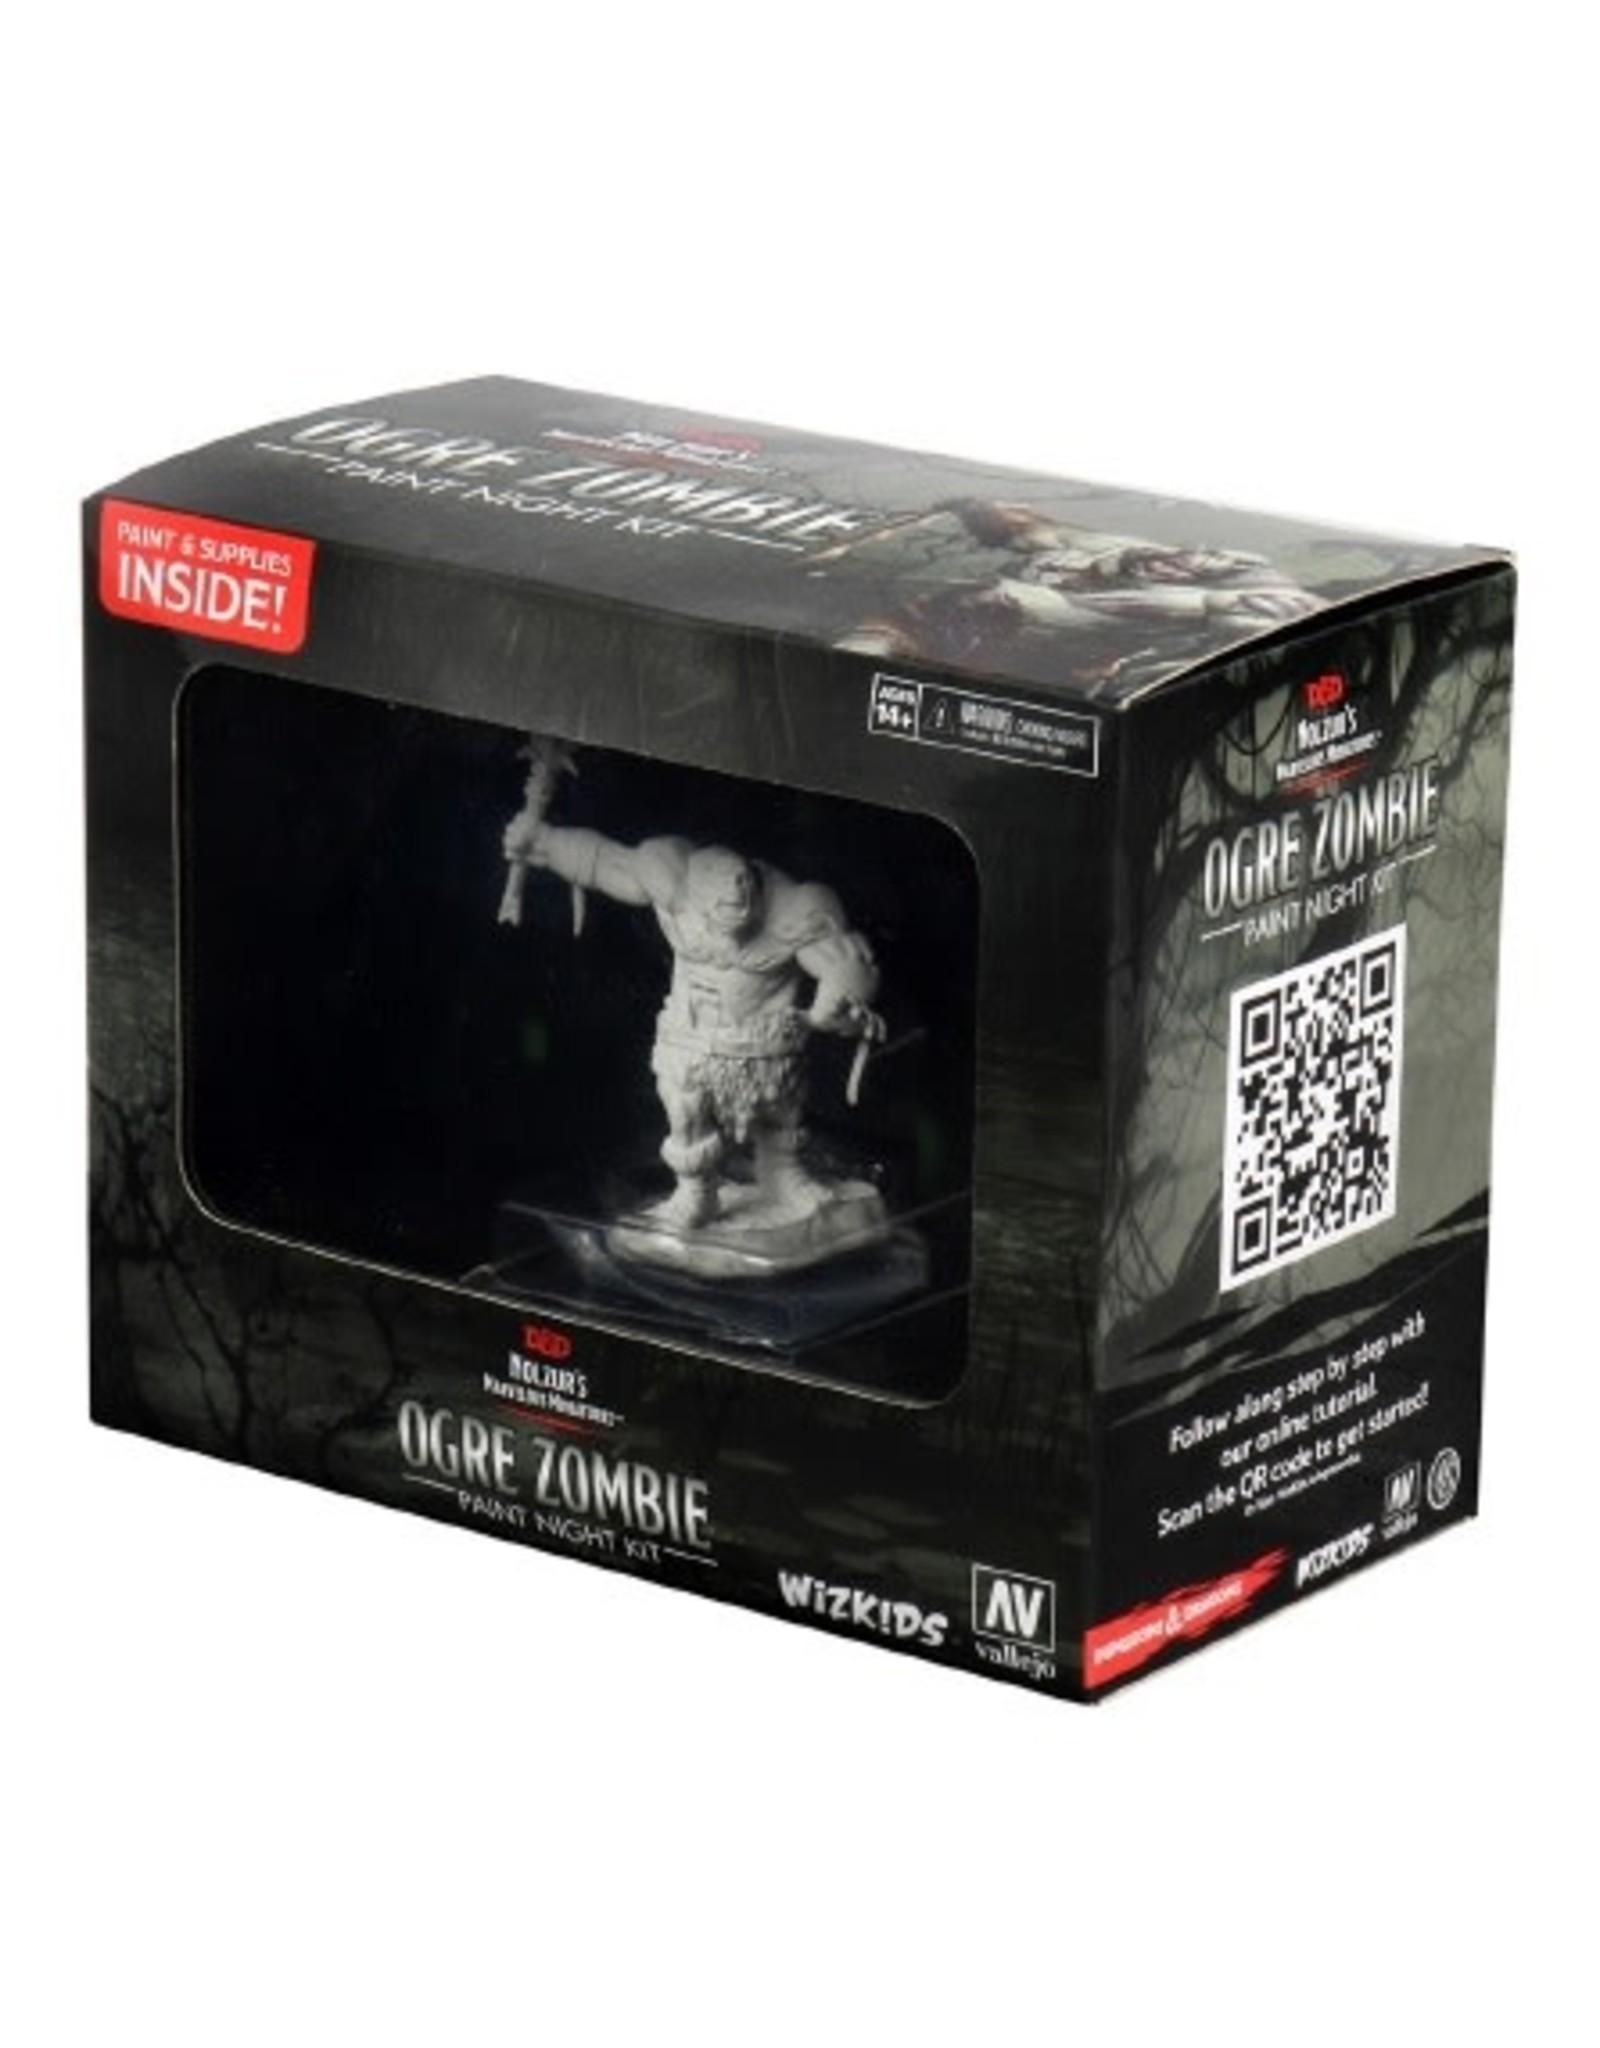 Wizkids Ogre Zombie Paint Night 5 Kit: D&D Nolzur's Marvelous Miniatures